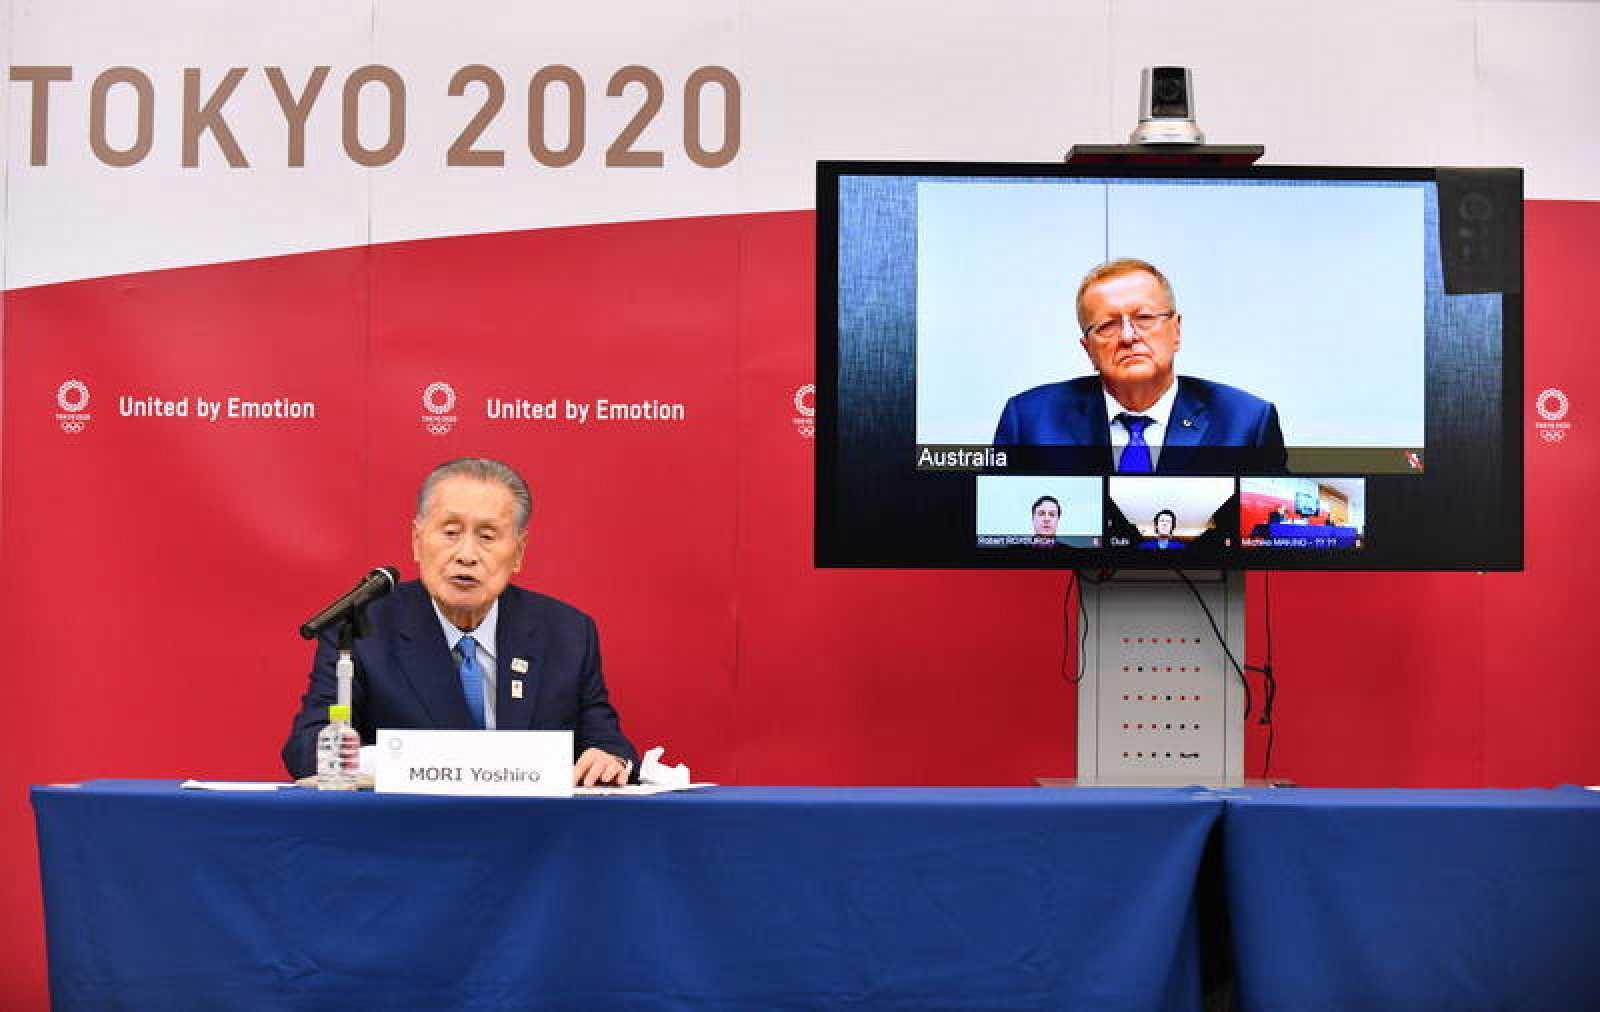 El presidente del comité organizador de Tokio 2020, Yoshiro Mori (i) en una coparecencia de prensa en la que el directivo del COI John Coates interviene por videoconferencia